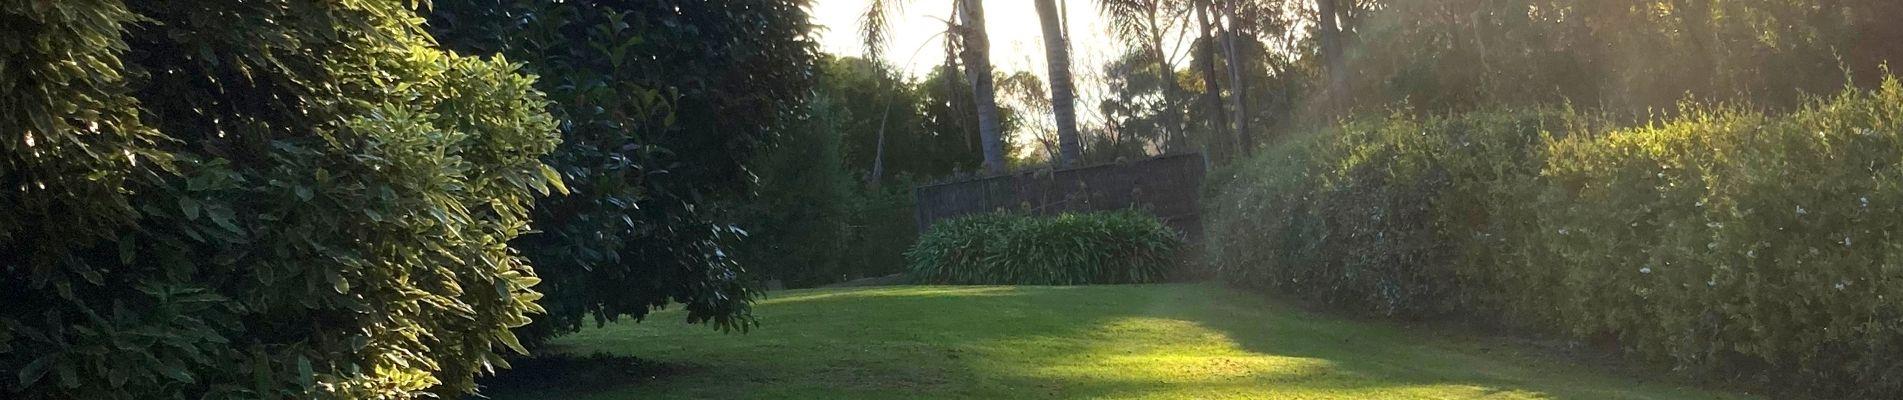 Lawn mowing in Warragul